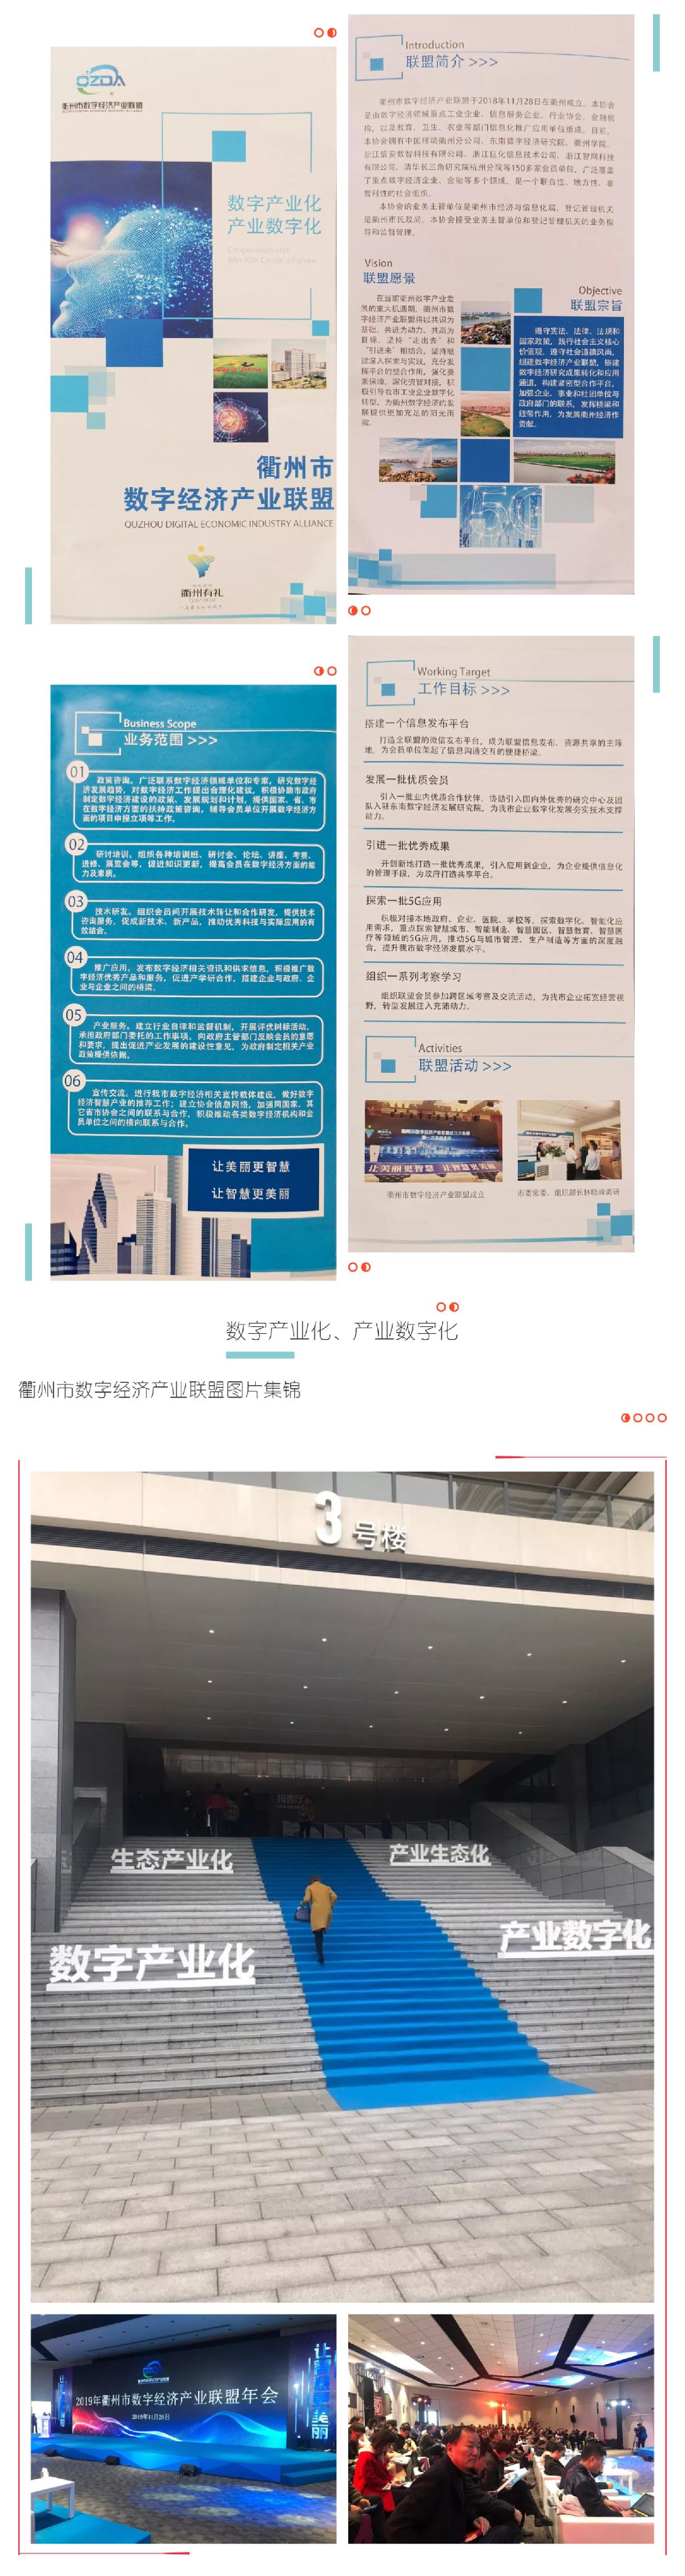 Screenshot_20191220_084919_com.tencent_03